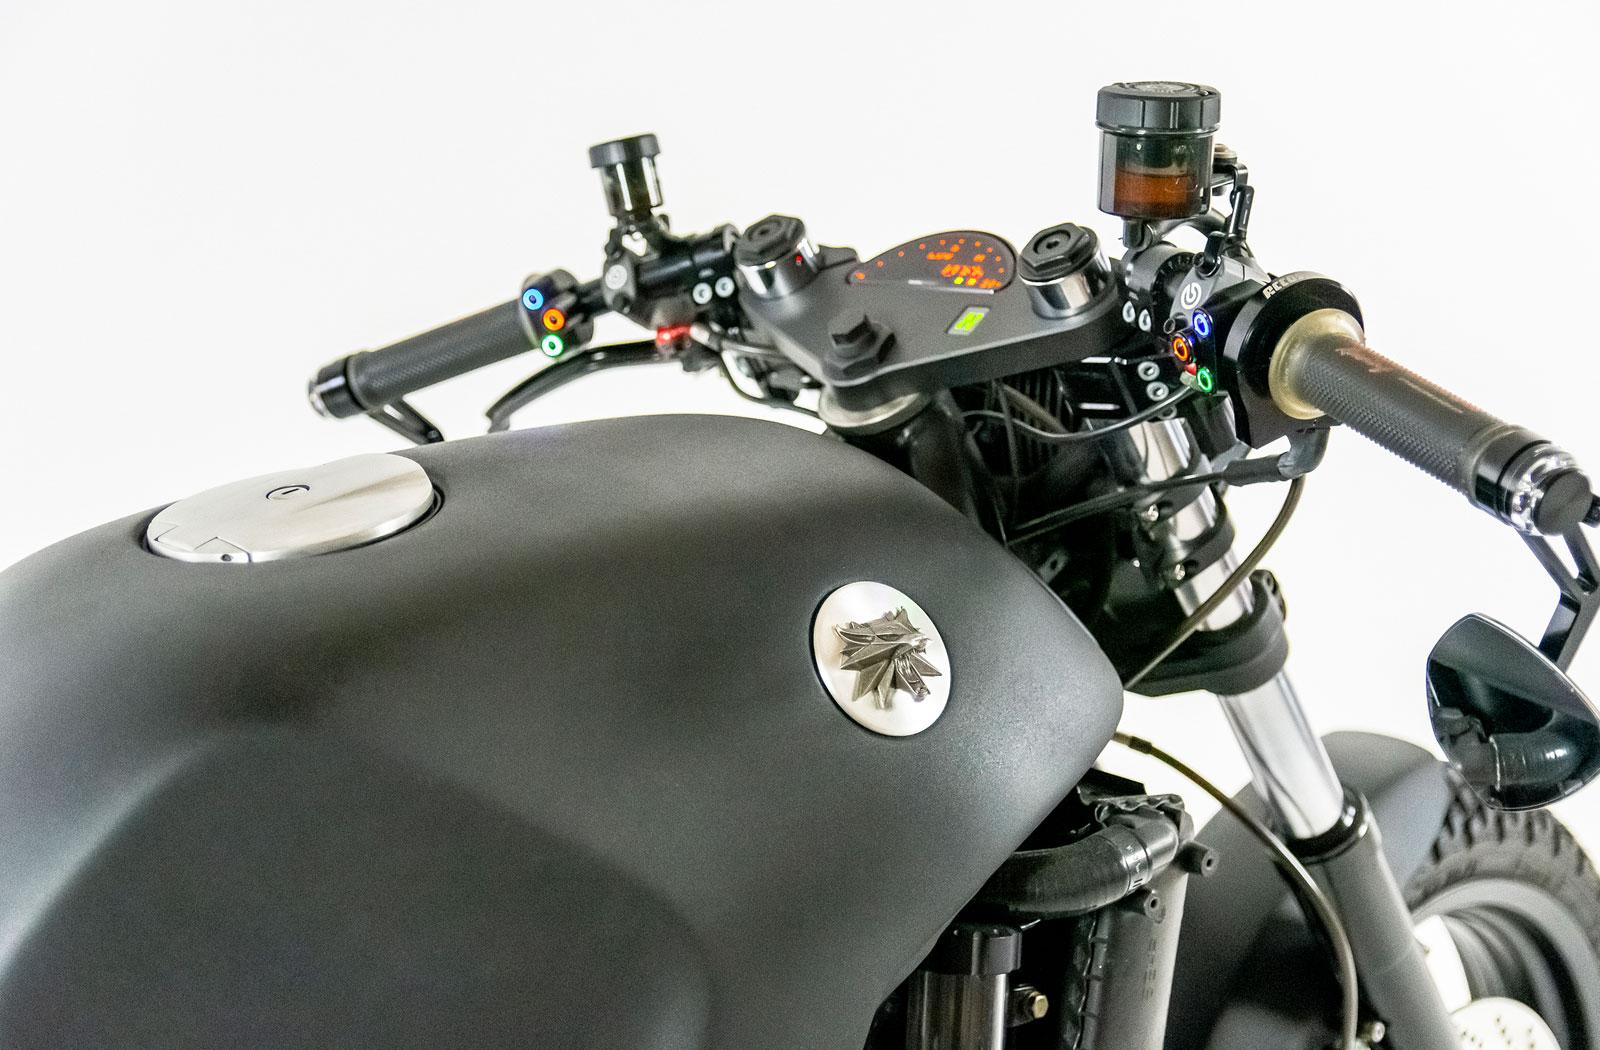 BMW K1100RS Cafe Racer